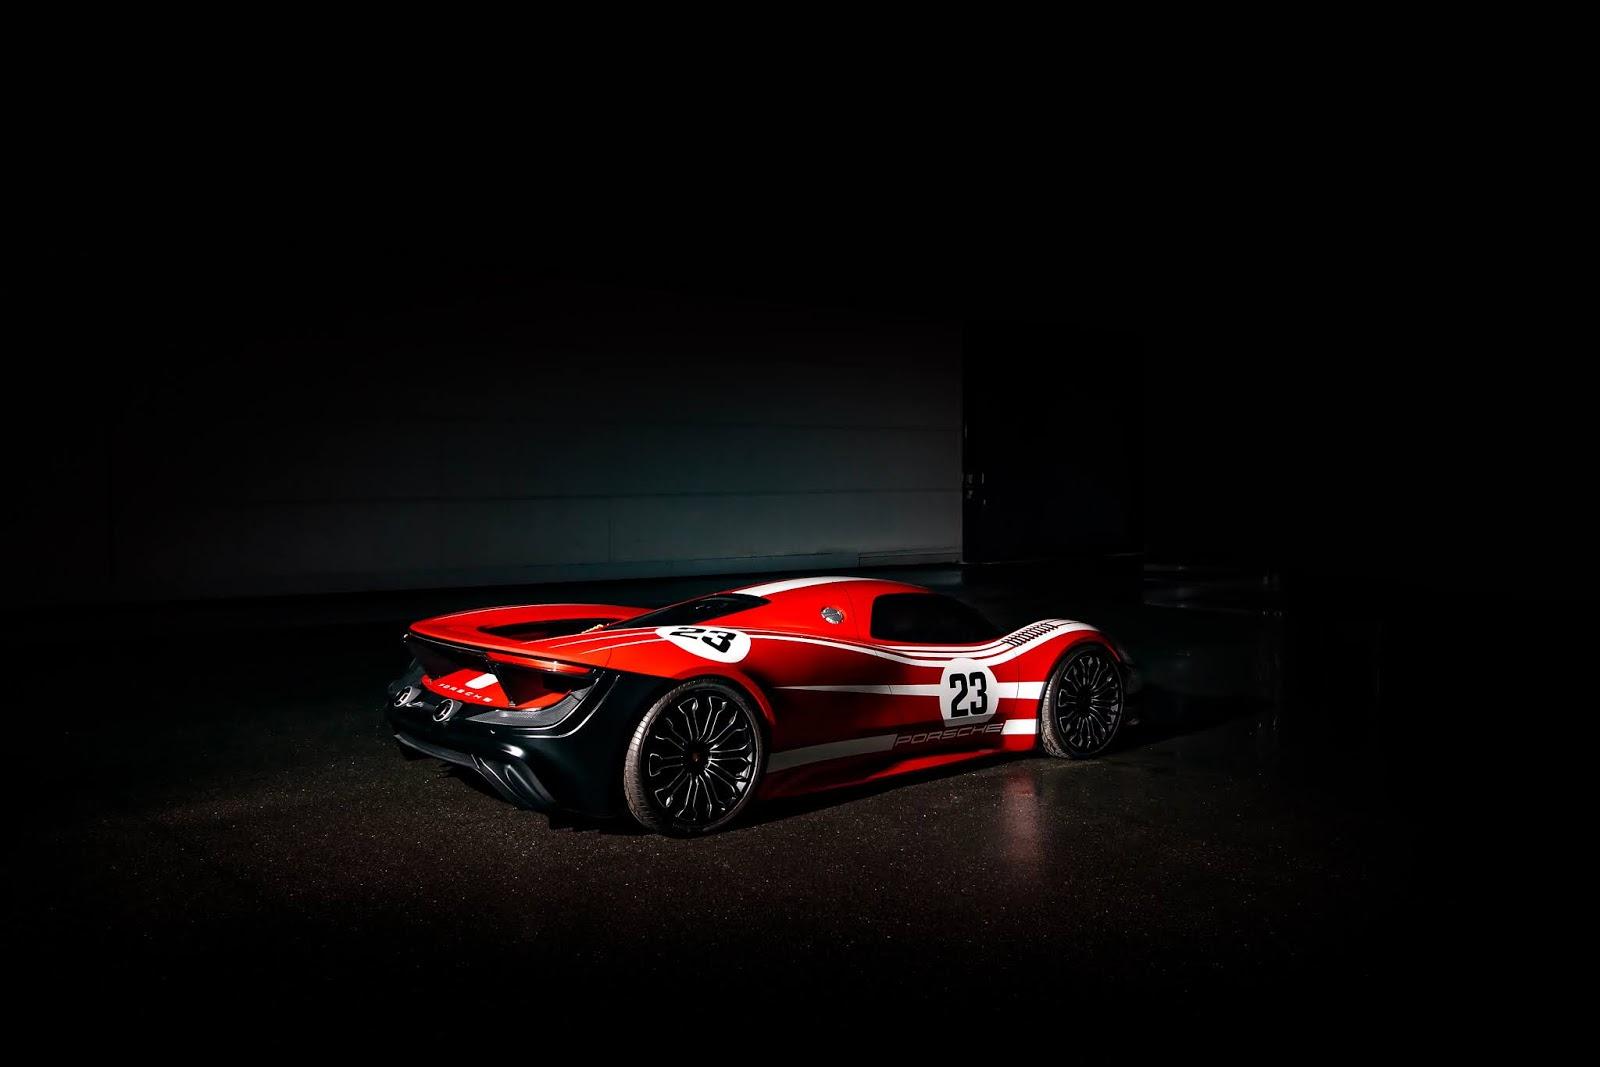 POR2140 Τα άγνωστα Hypercars της Porsche hypercar, Porsche, Porsche Unseen, Sunday, supercar, supercars, zblog, ειδήσεις